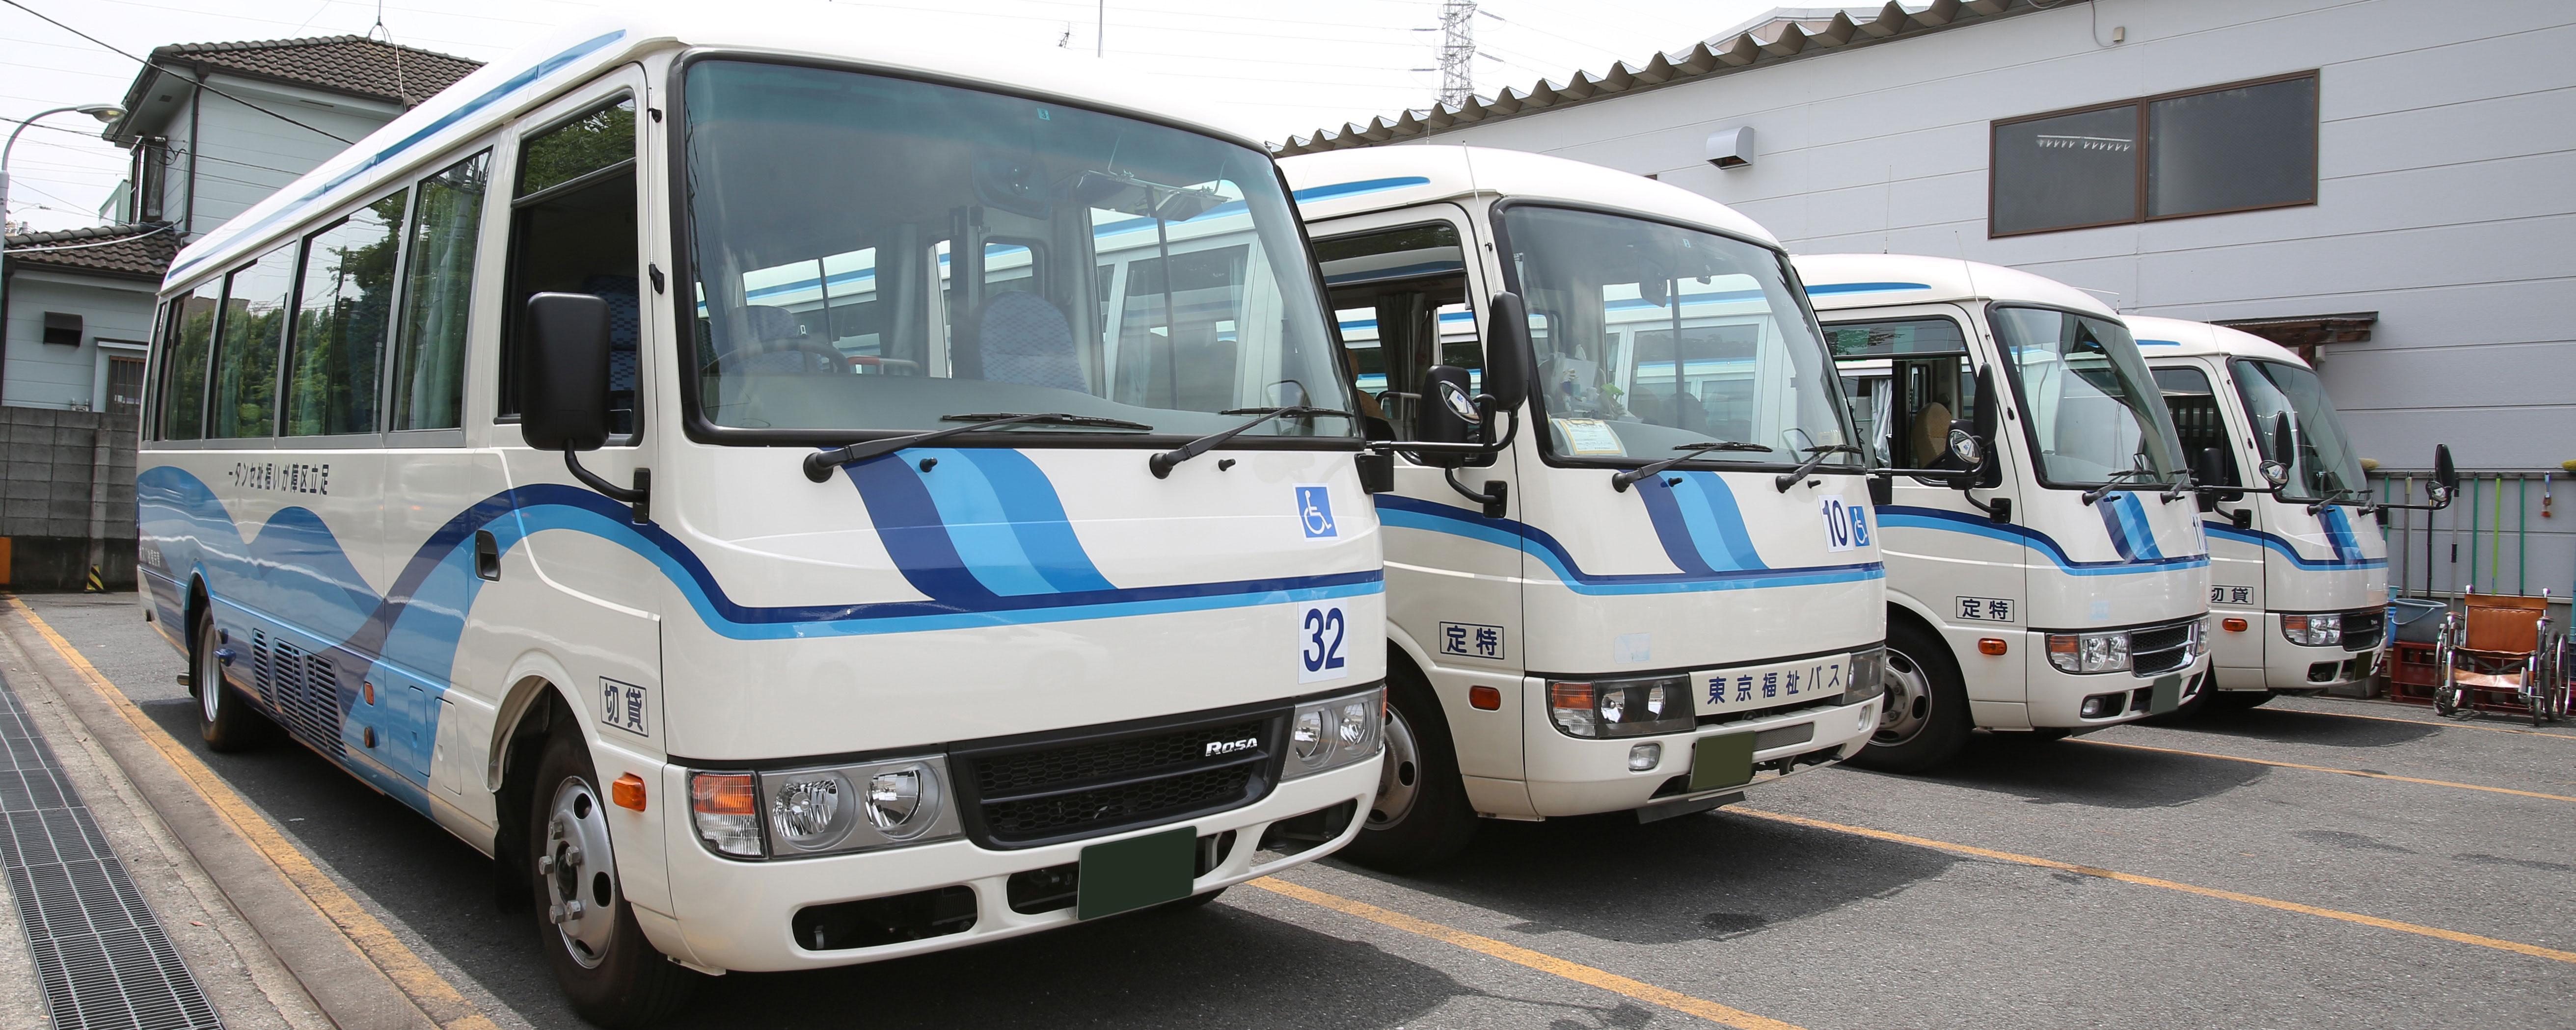 東京福祉バス株式会社 採用ホームページ [採用・求人情報]